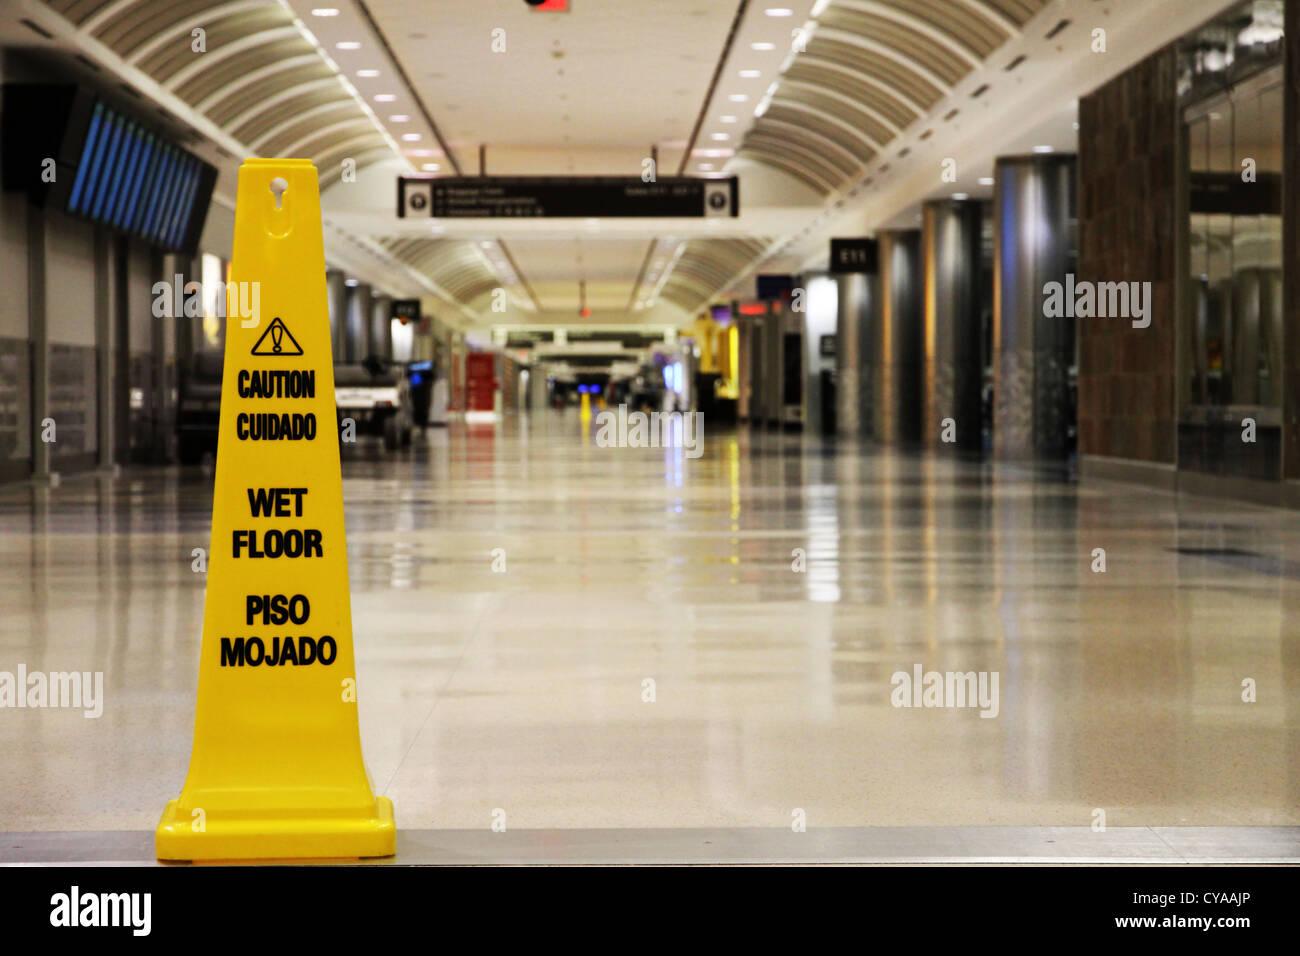 Ein Gelbes Nassen Boden Zeichen In Einem Leeren Flughafen